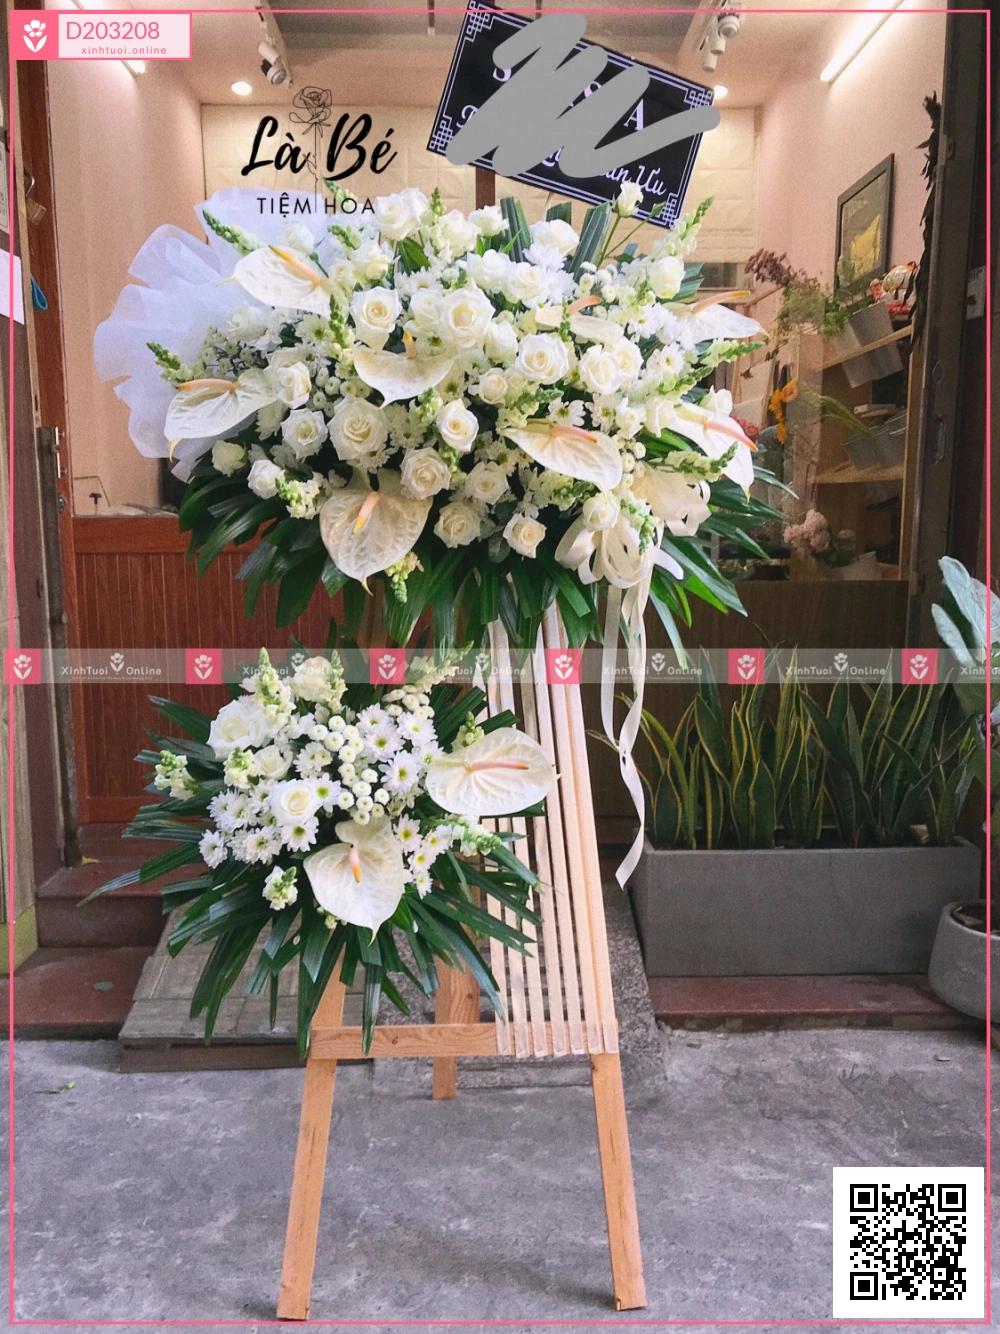 Hoa trắng - D203208 - xinhtuoi.online